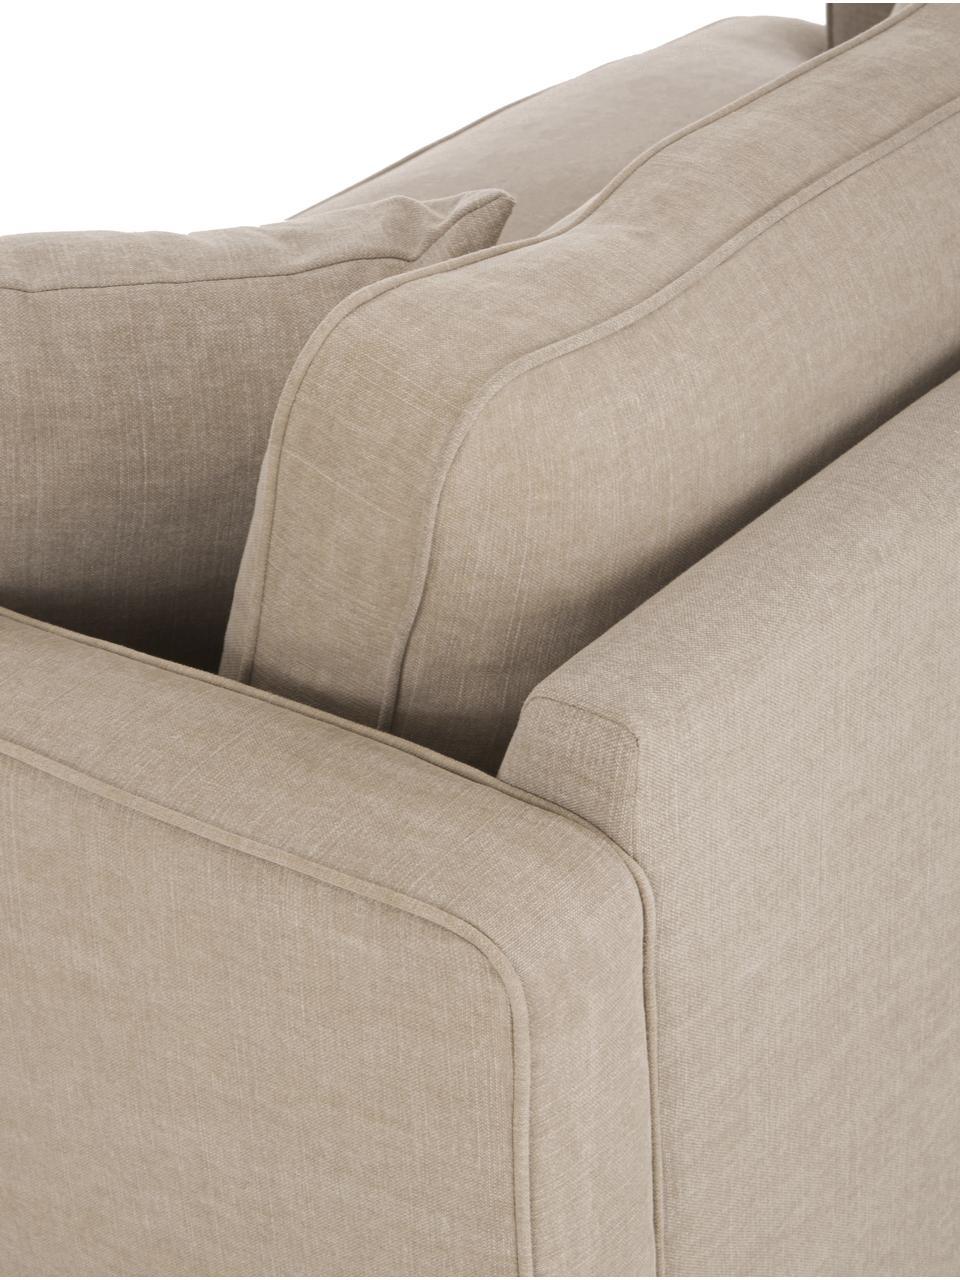 Big Sofa Warren (2-Sitzer) in Beige mit Leinenstoffgemisch, Gestell: Holz, Bezug: 60% Baumwolle, 40% Leinen, Beine: Schwarzholz, Webstoff Beige, 178 x 85 cm